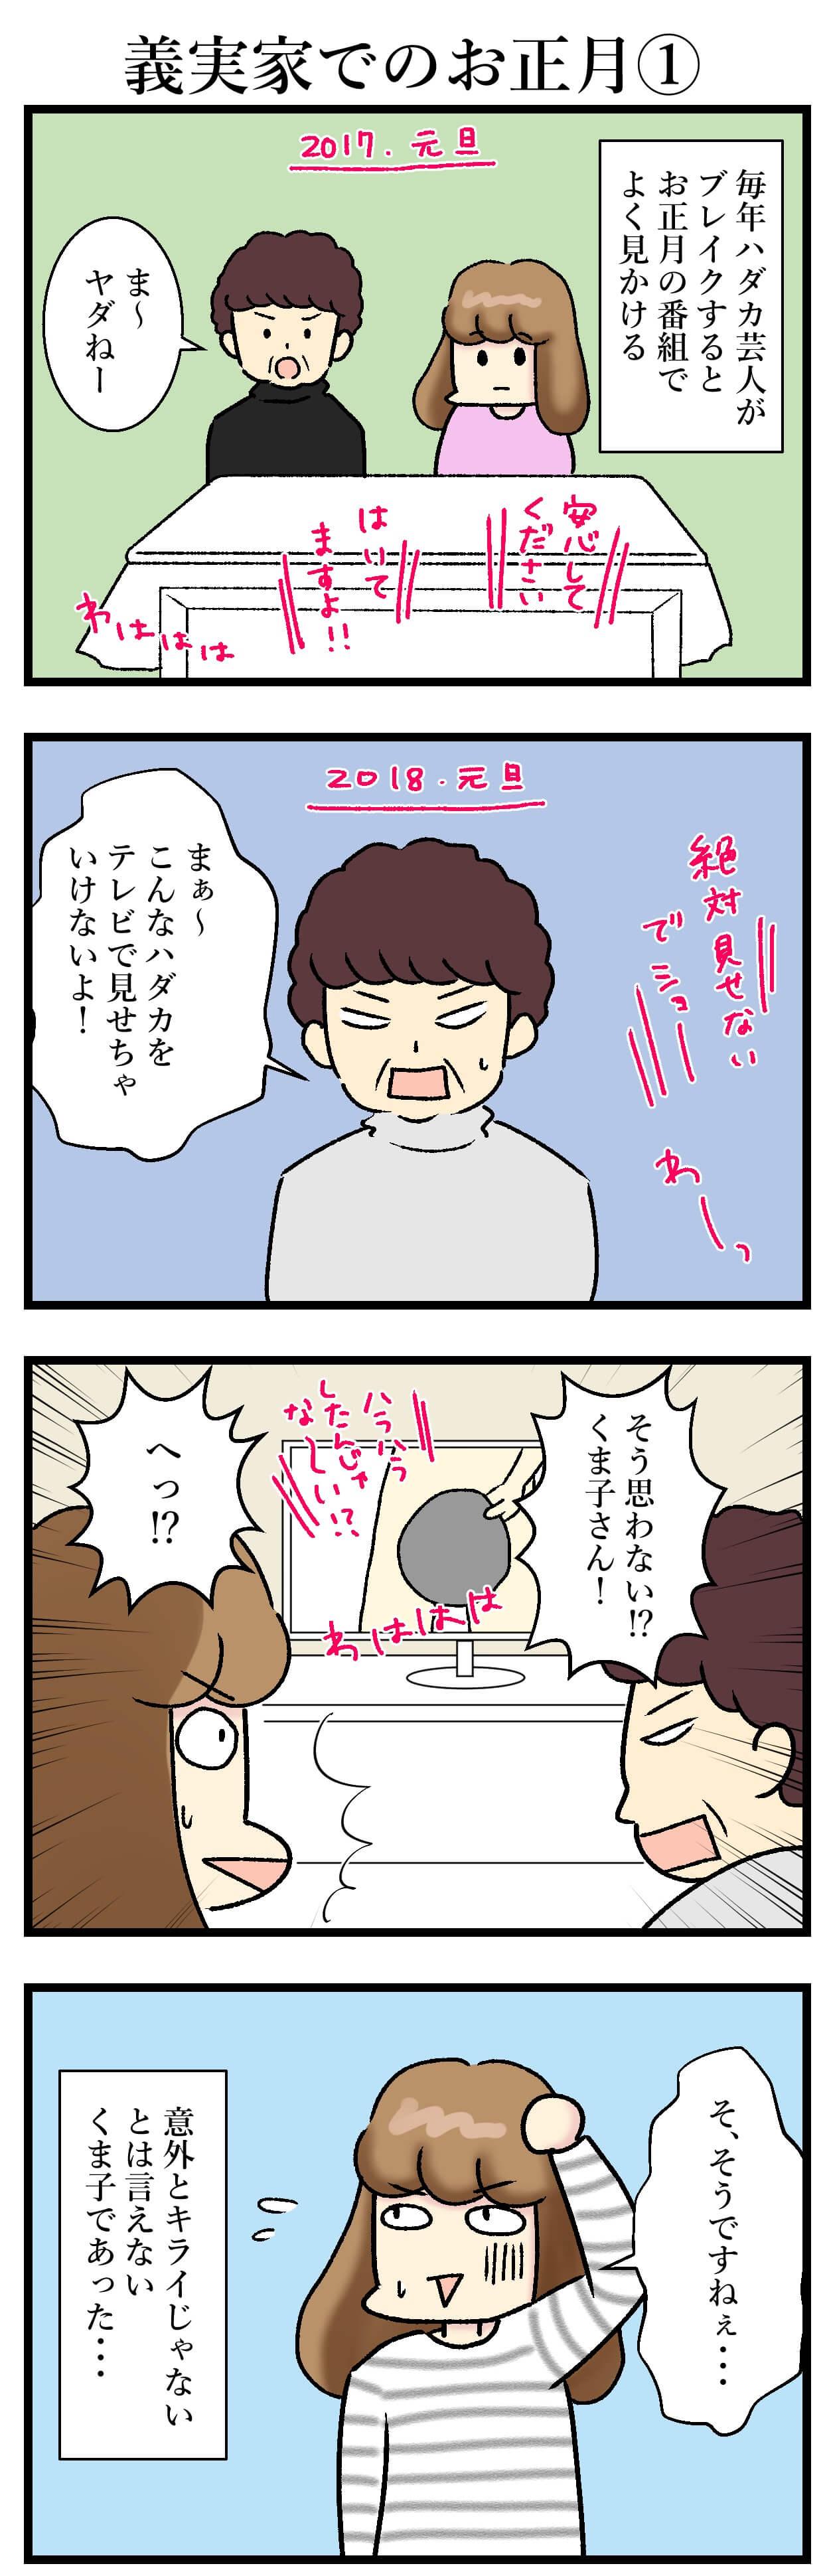 【エッセイ漫画】アラサー主婦くま子のふがいない日常(83)